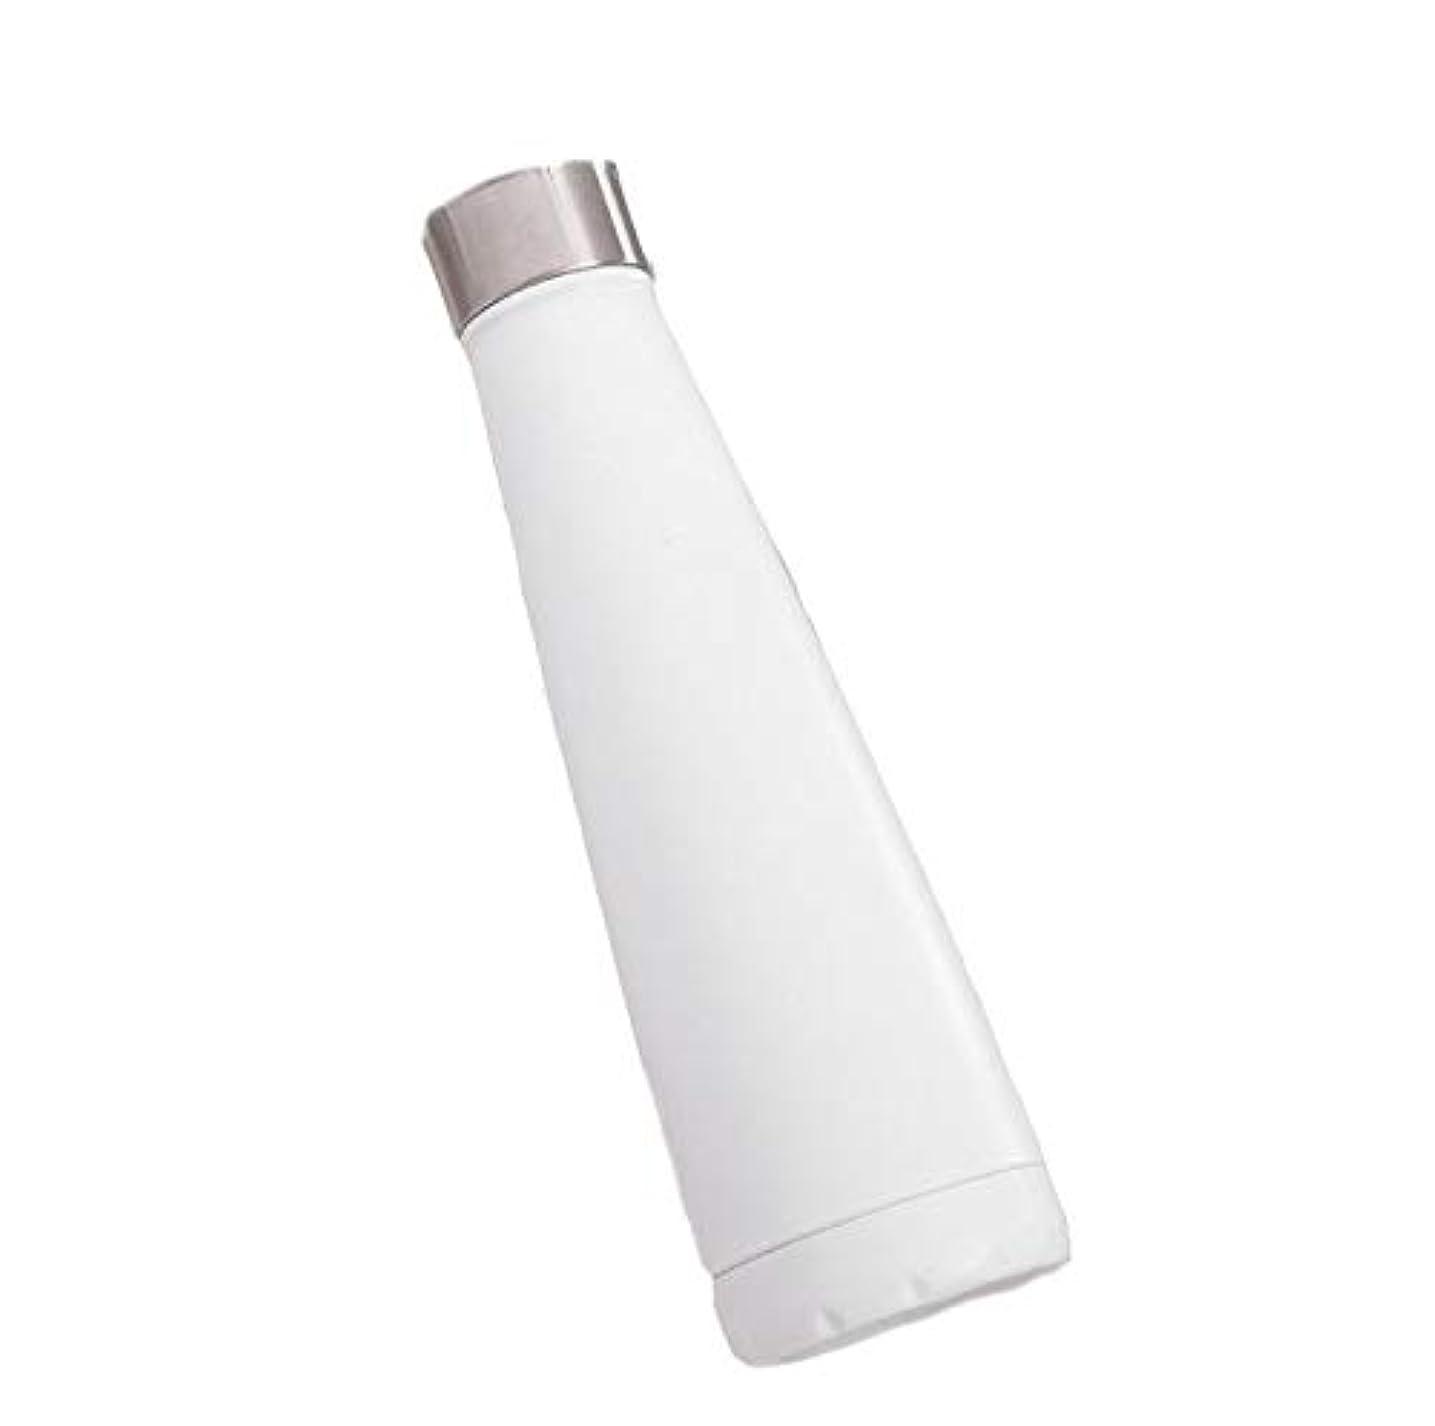 スキップ依存酸度Hagao ステンレス鋼ポータブル大容量500ミリリットルやかんスタイリッシュスポーツカップ屋外スポーツボトル高温耐性摩擦カップ ご愛顧ありがとうございました (Color : ホワイト)